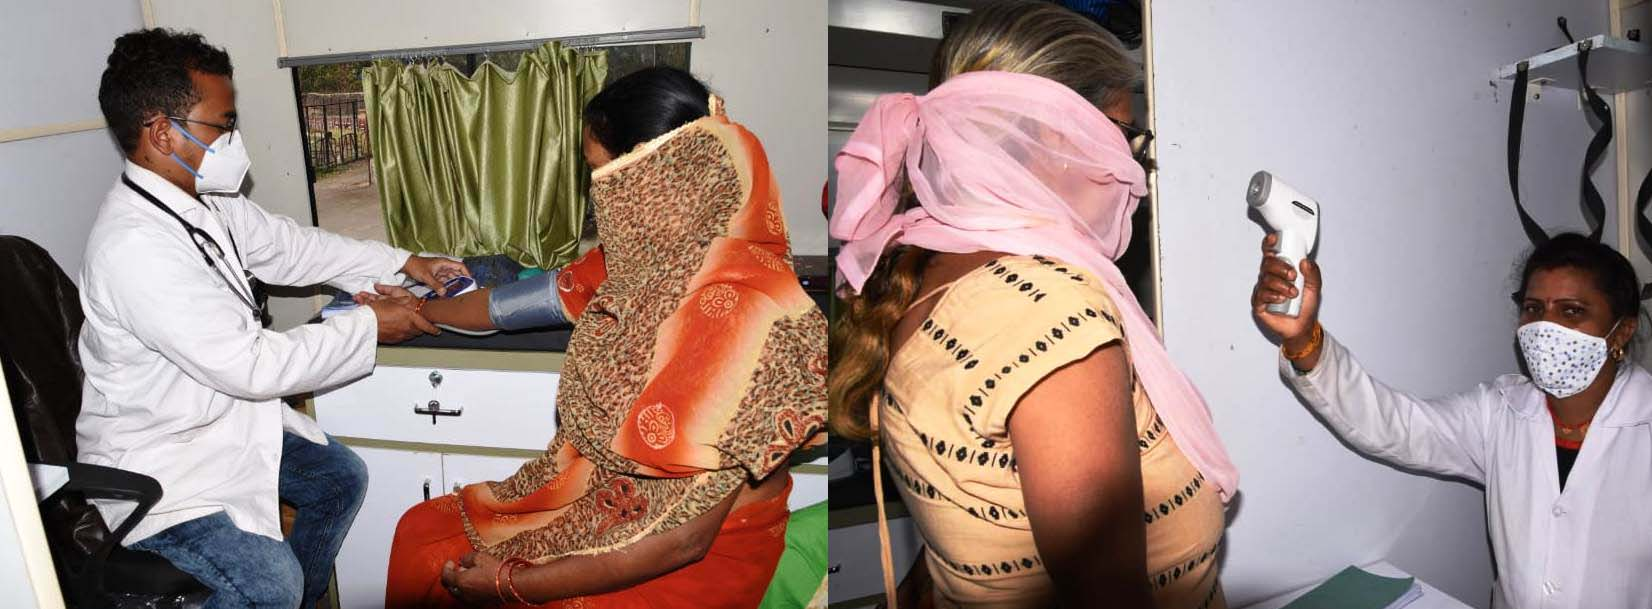 Photo of पेट दर्द और सांस लेने में थी तकलीफ,मोबाइल मेडिकल यूनिट से इलाज के बाद मिल गई रिलिफ